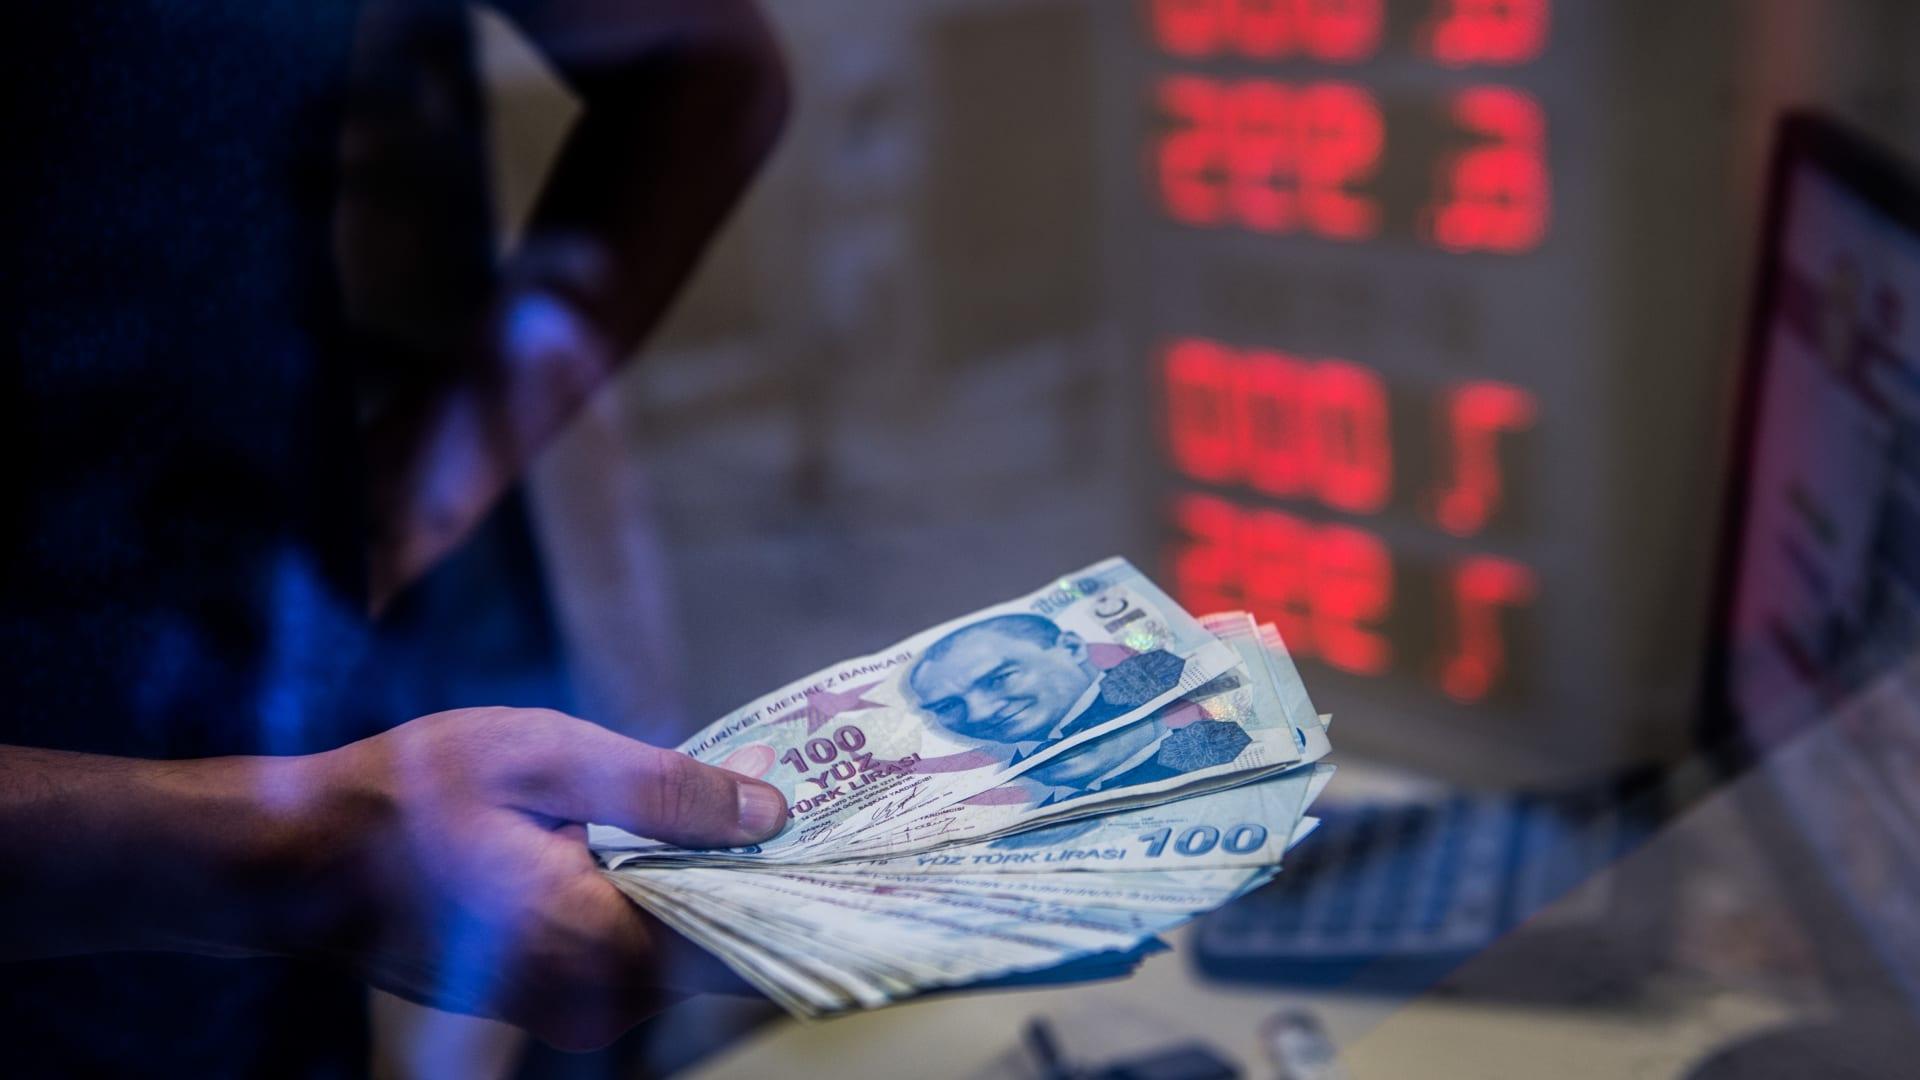 ما هي العلامات السبعة لانهيار الاقتصاد؟